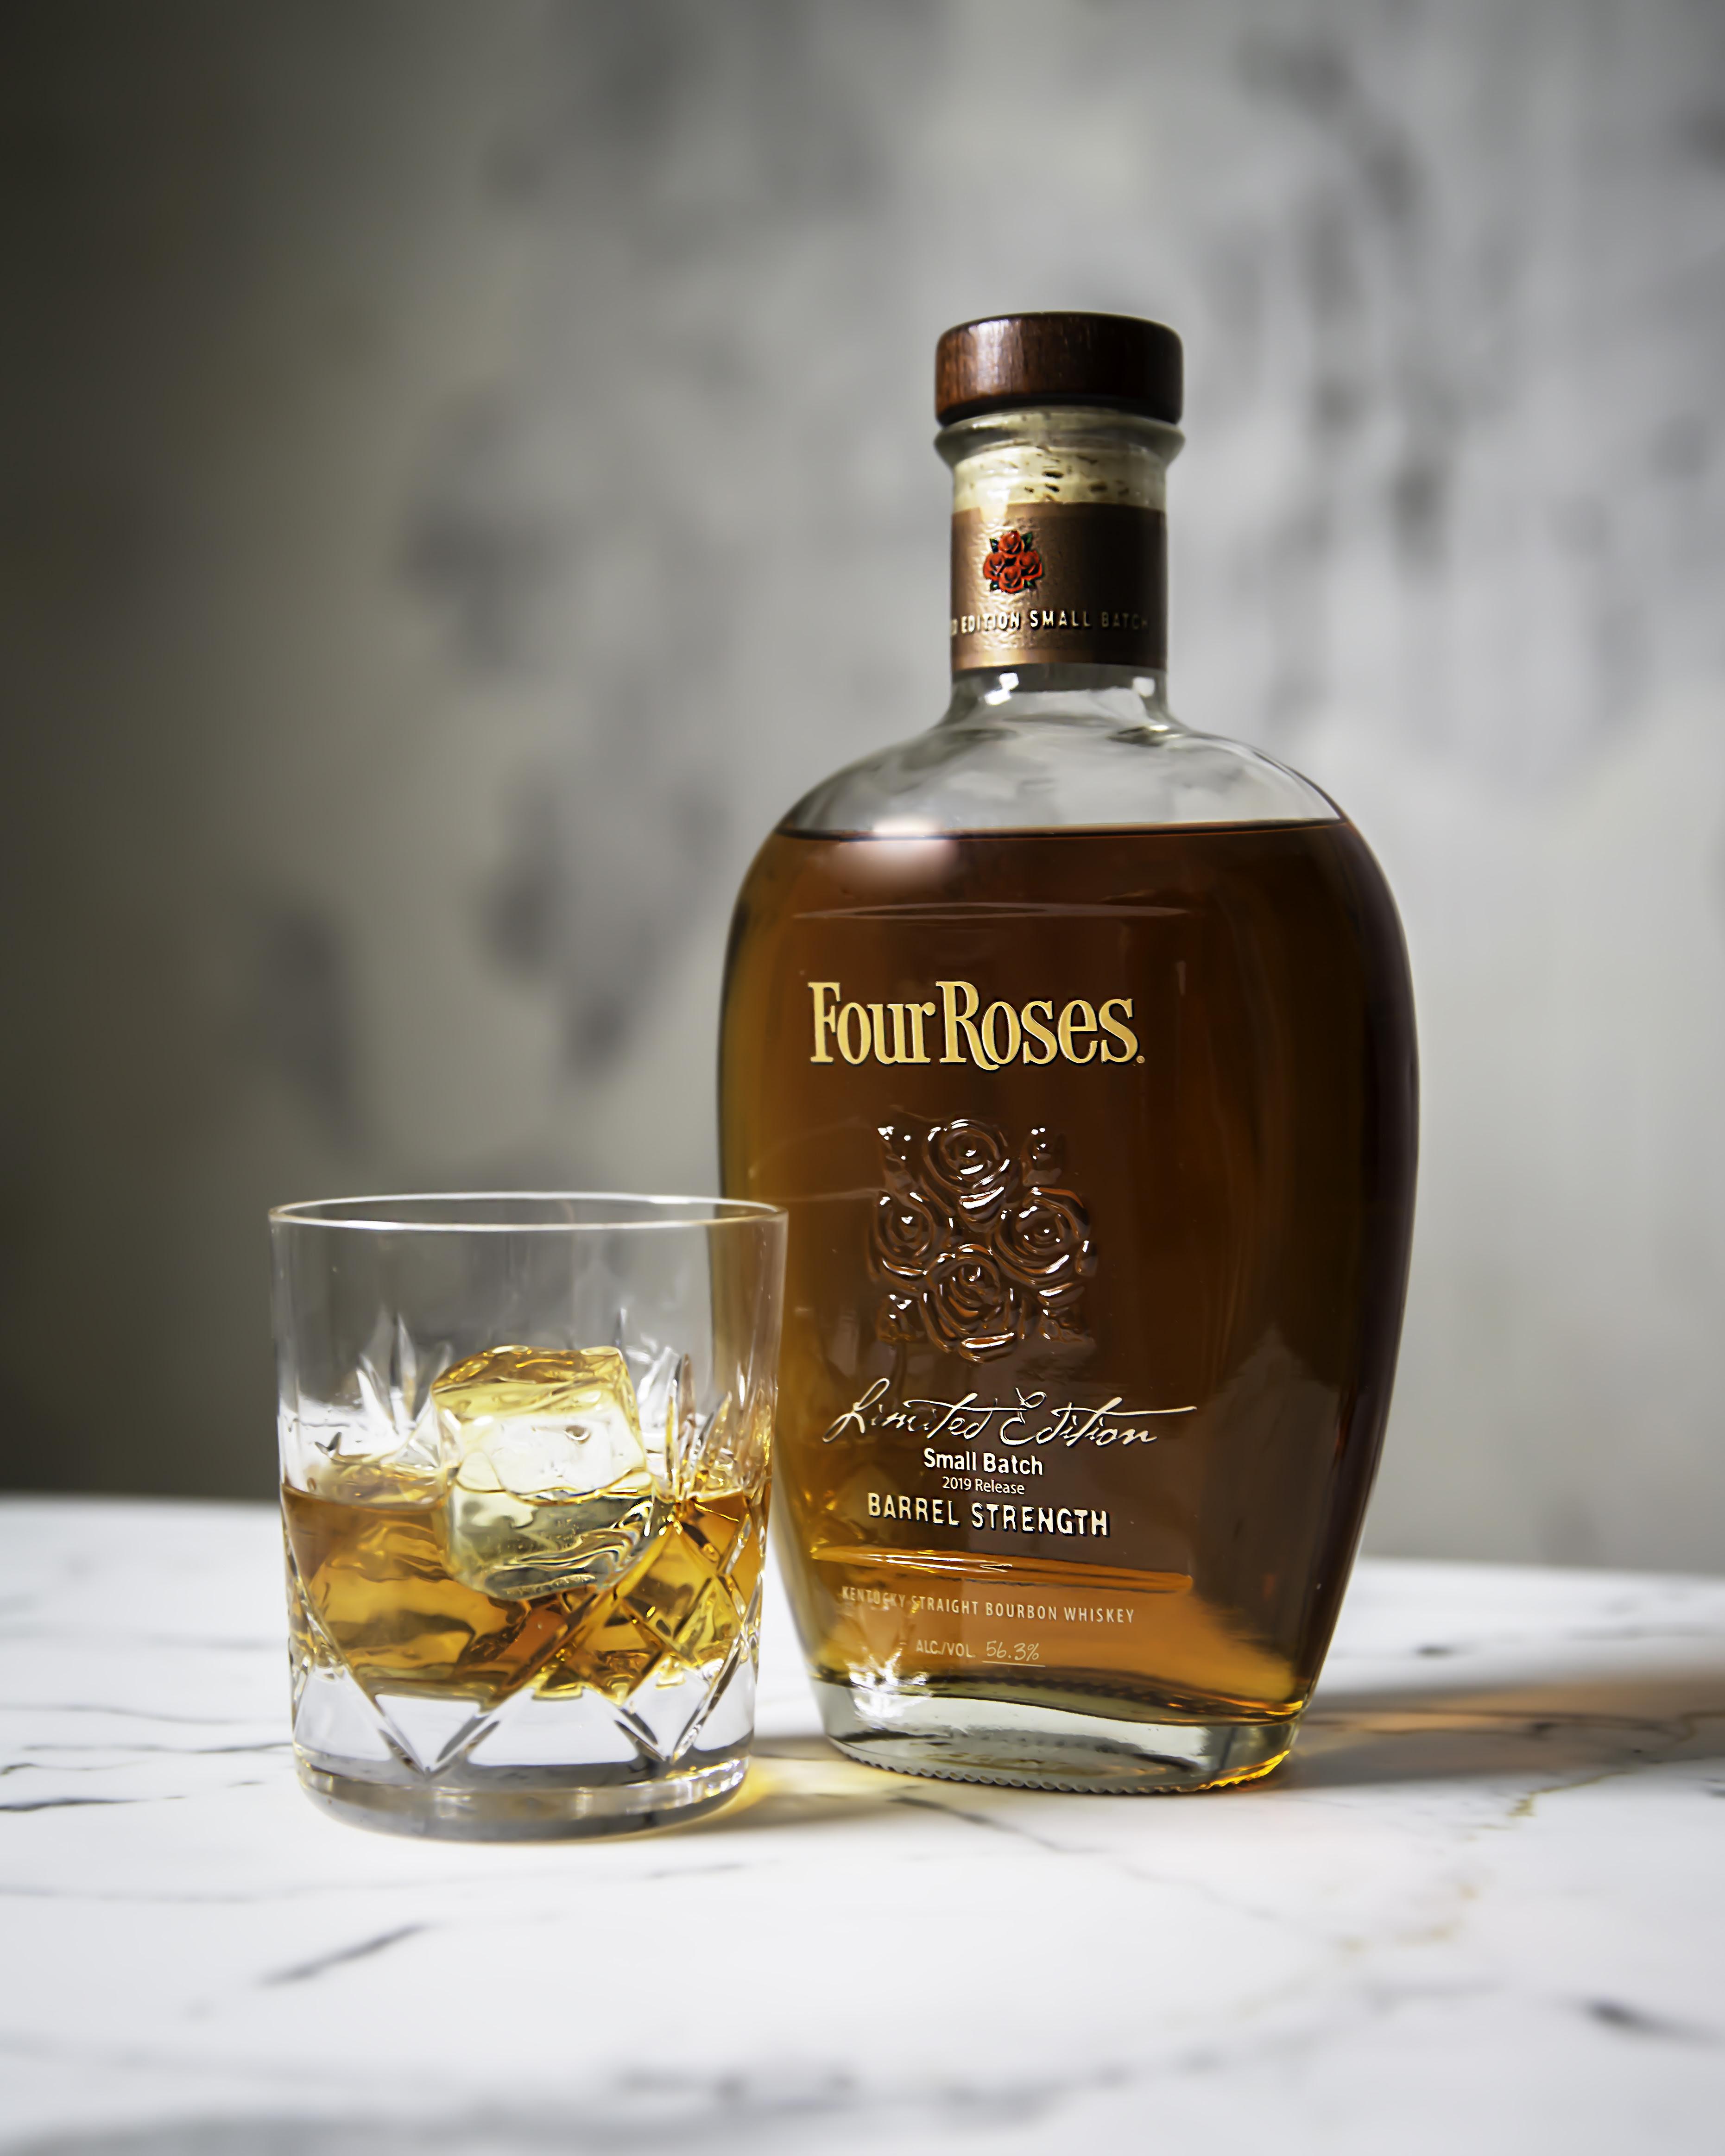 Megérkezett az idei Small Batch Bourbon a Four Roses-tól